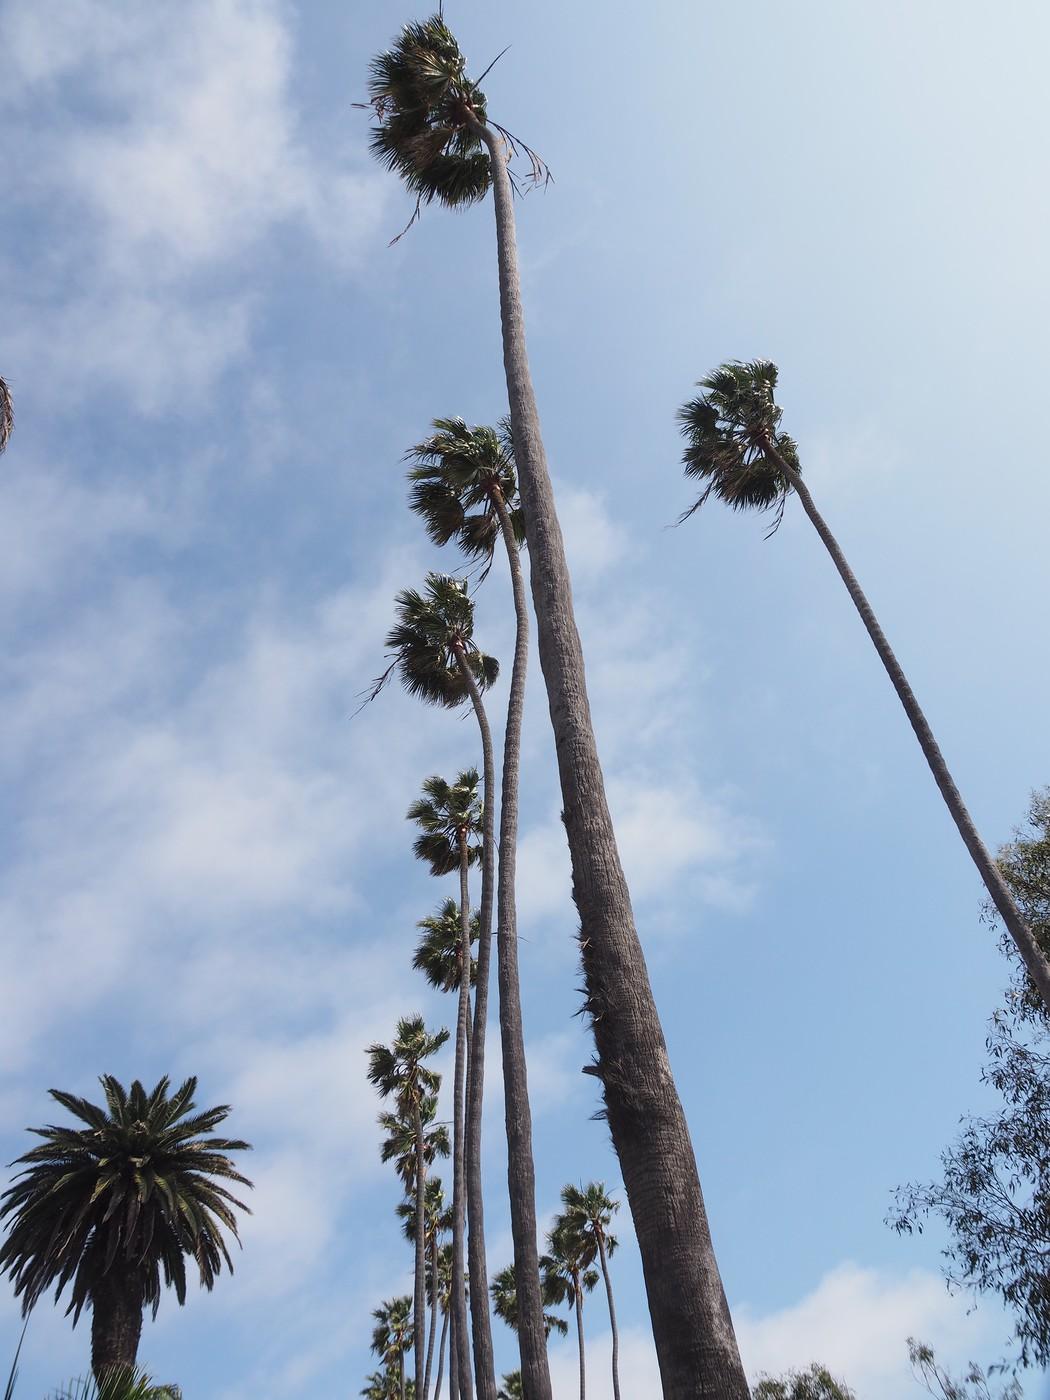 muertes automovilisticas california